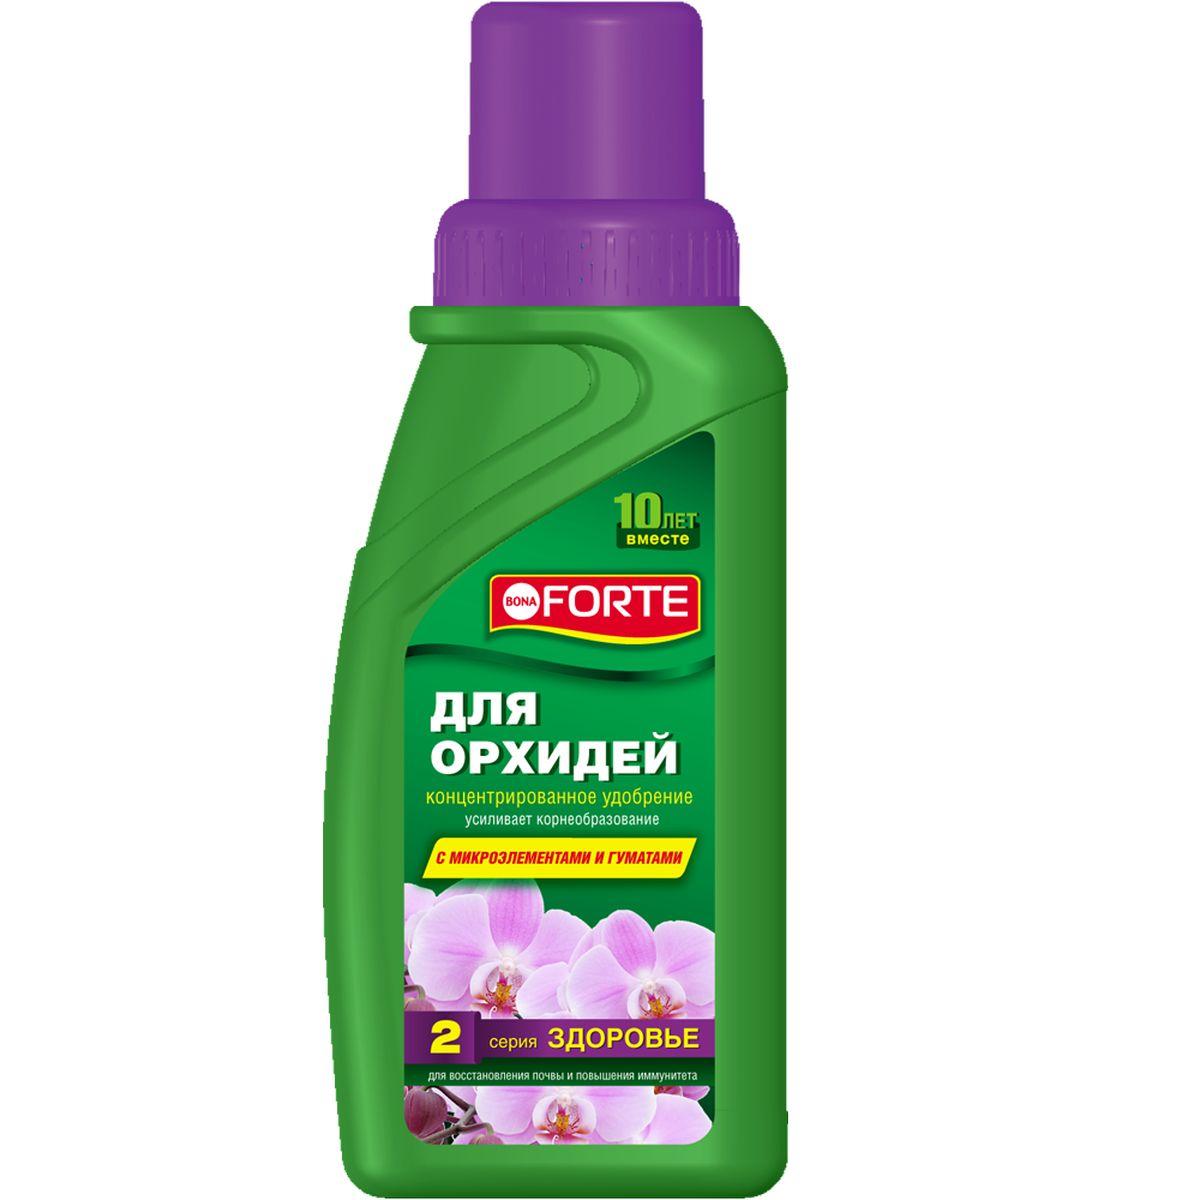 Жидкое комплексное удобрение Bona Forte, 285 мл (серия ЗДОРОВЬЕ)BF-21-06-014-1Предназначено для сбалансированного питания, пышного и продолжительного цветения, способствует образованию сильных цветков, а также повышает иммунитет орхидей.